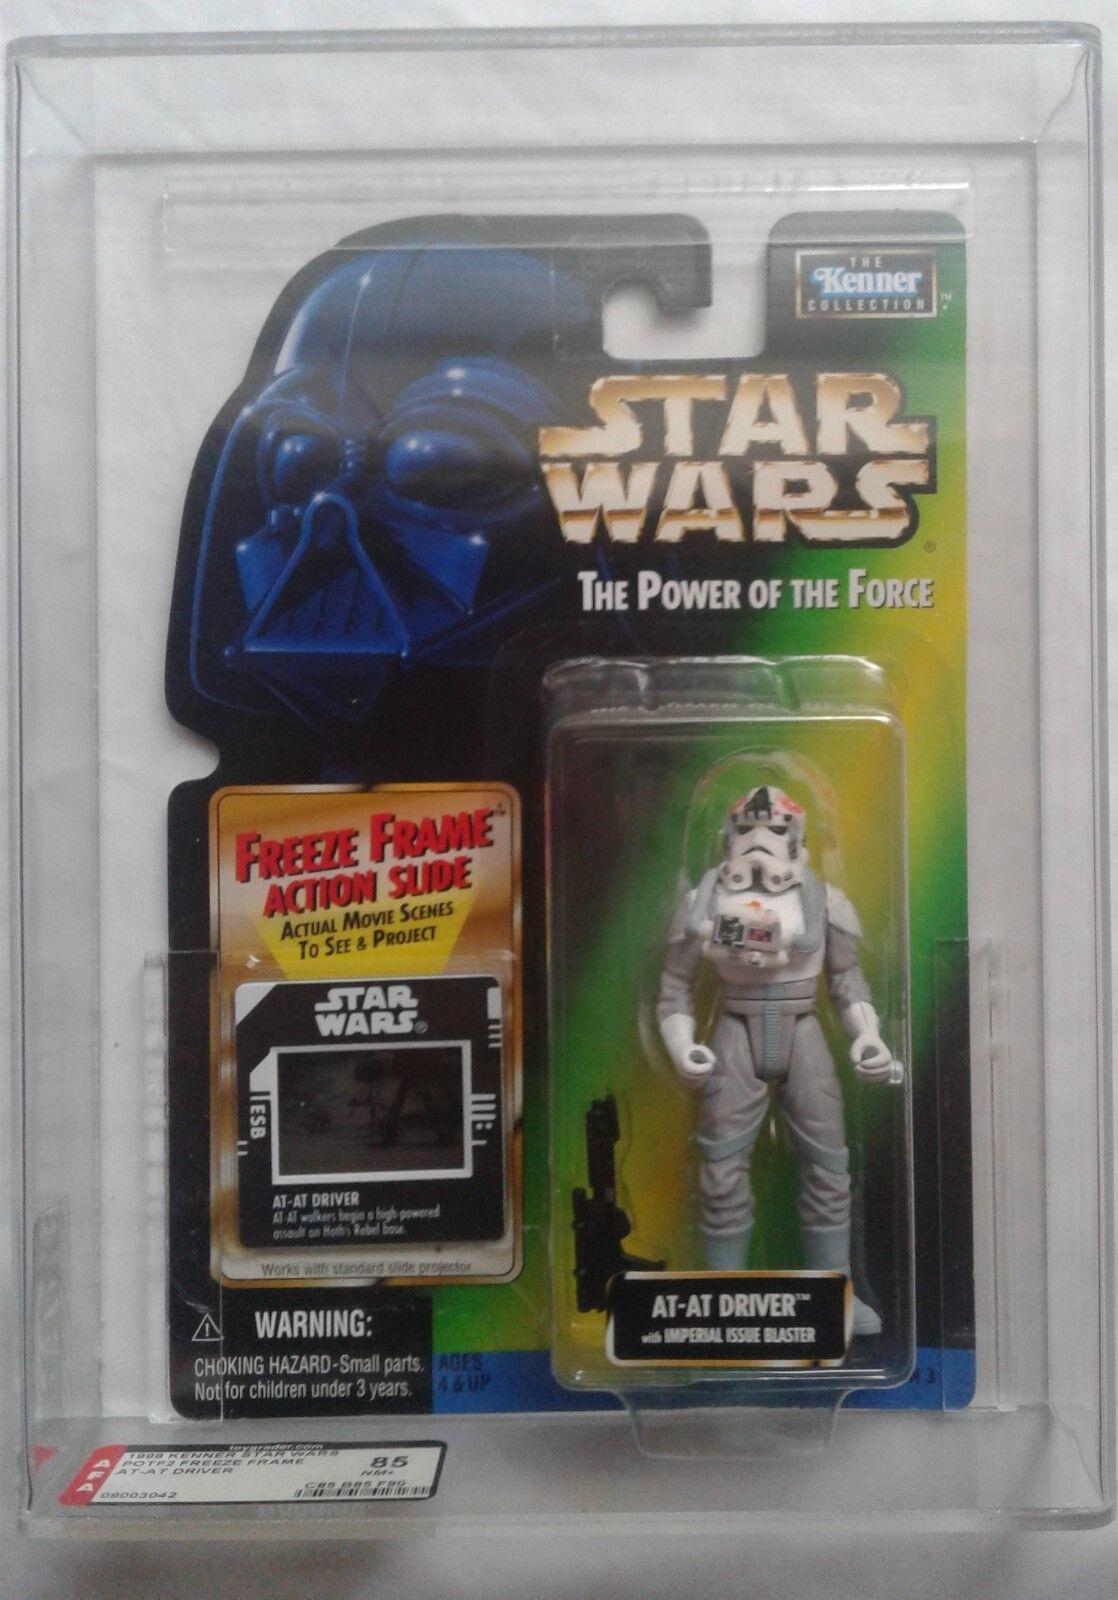 At-AT Driver FF congelar fotograma Estrella wars poder de la fuerza AFA 85